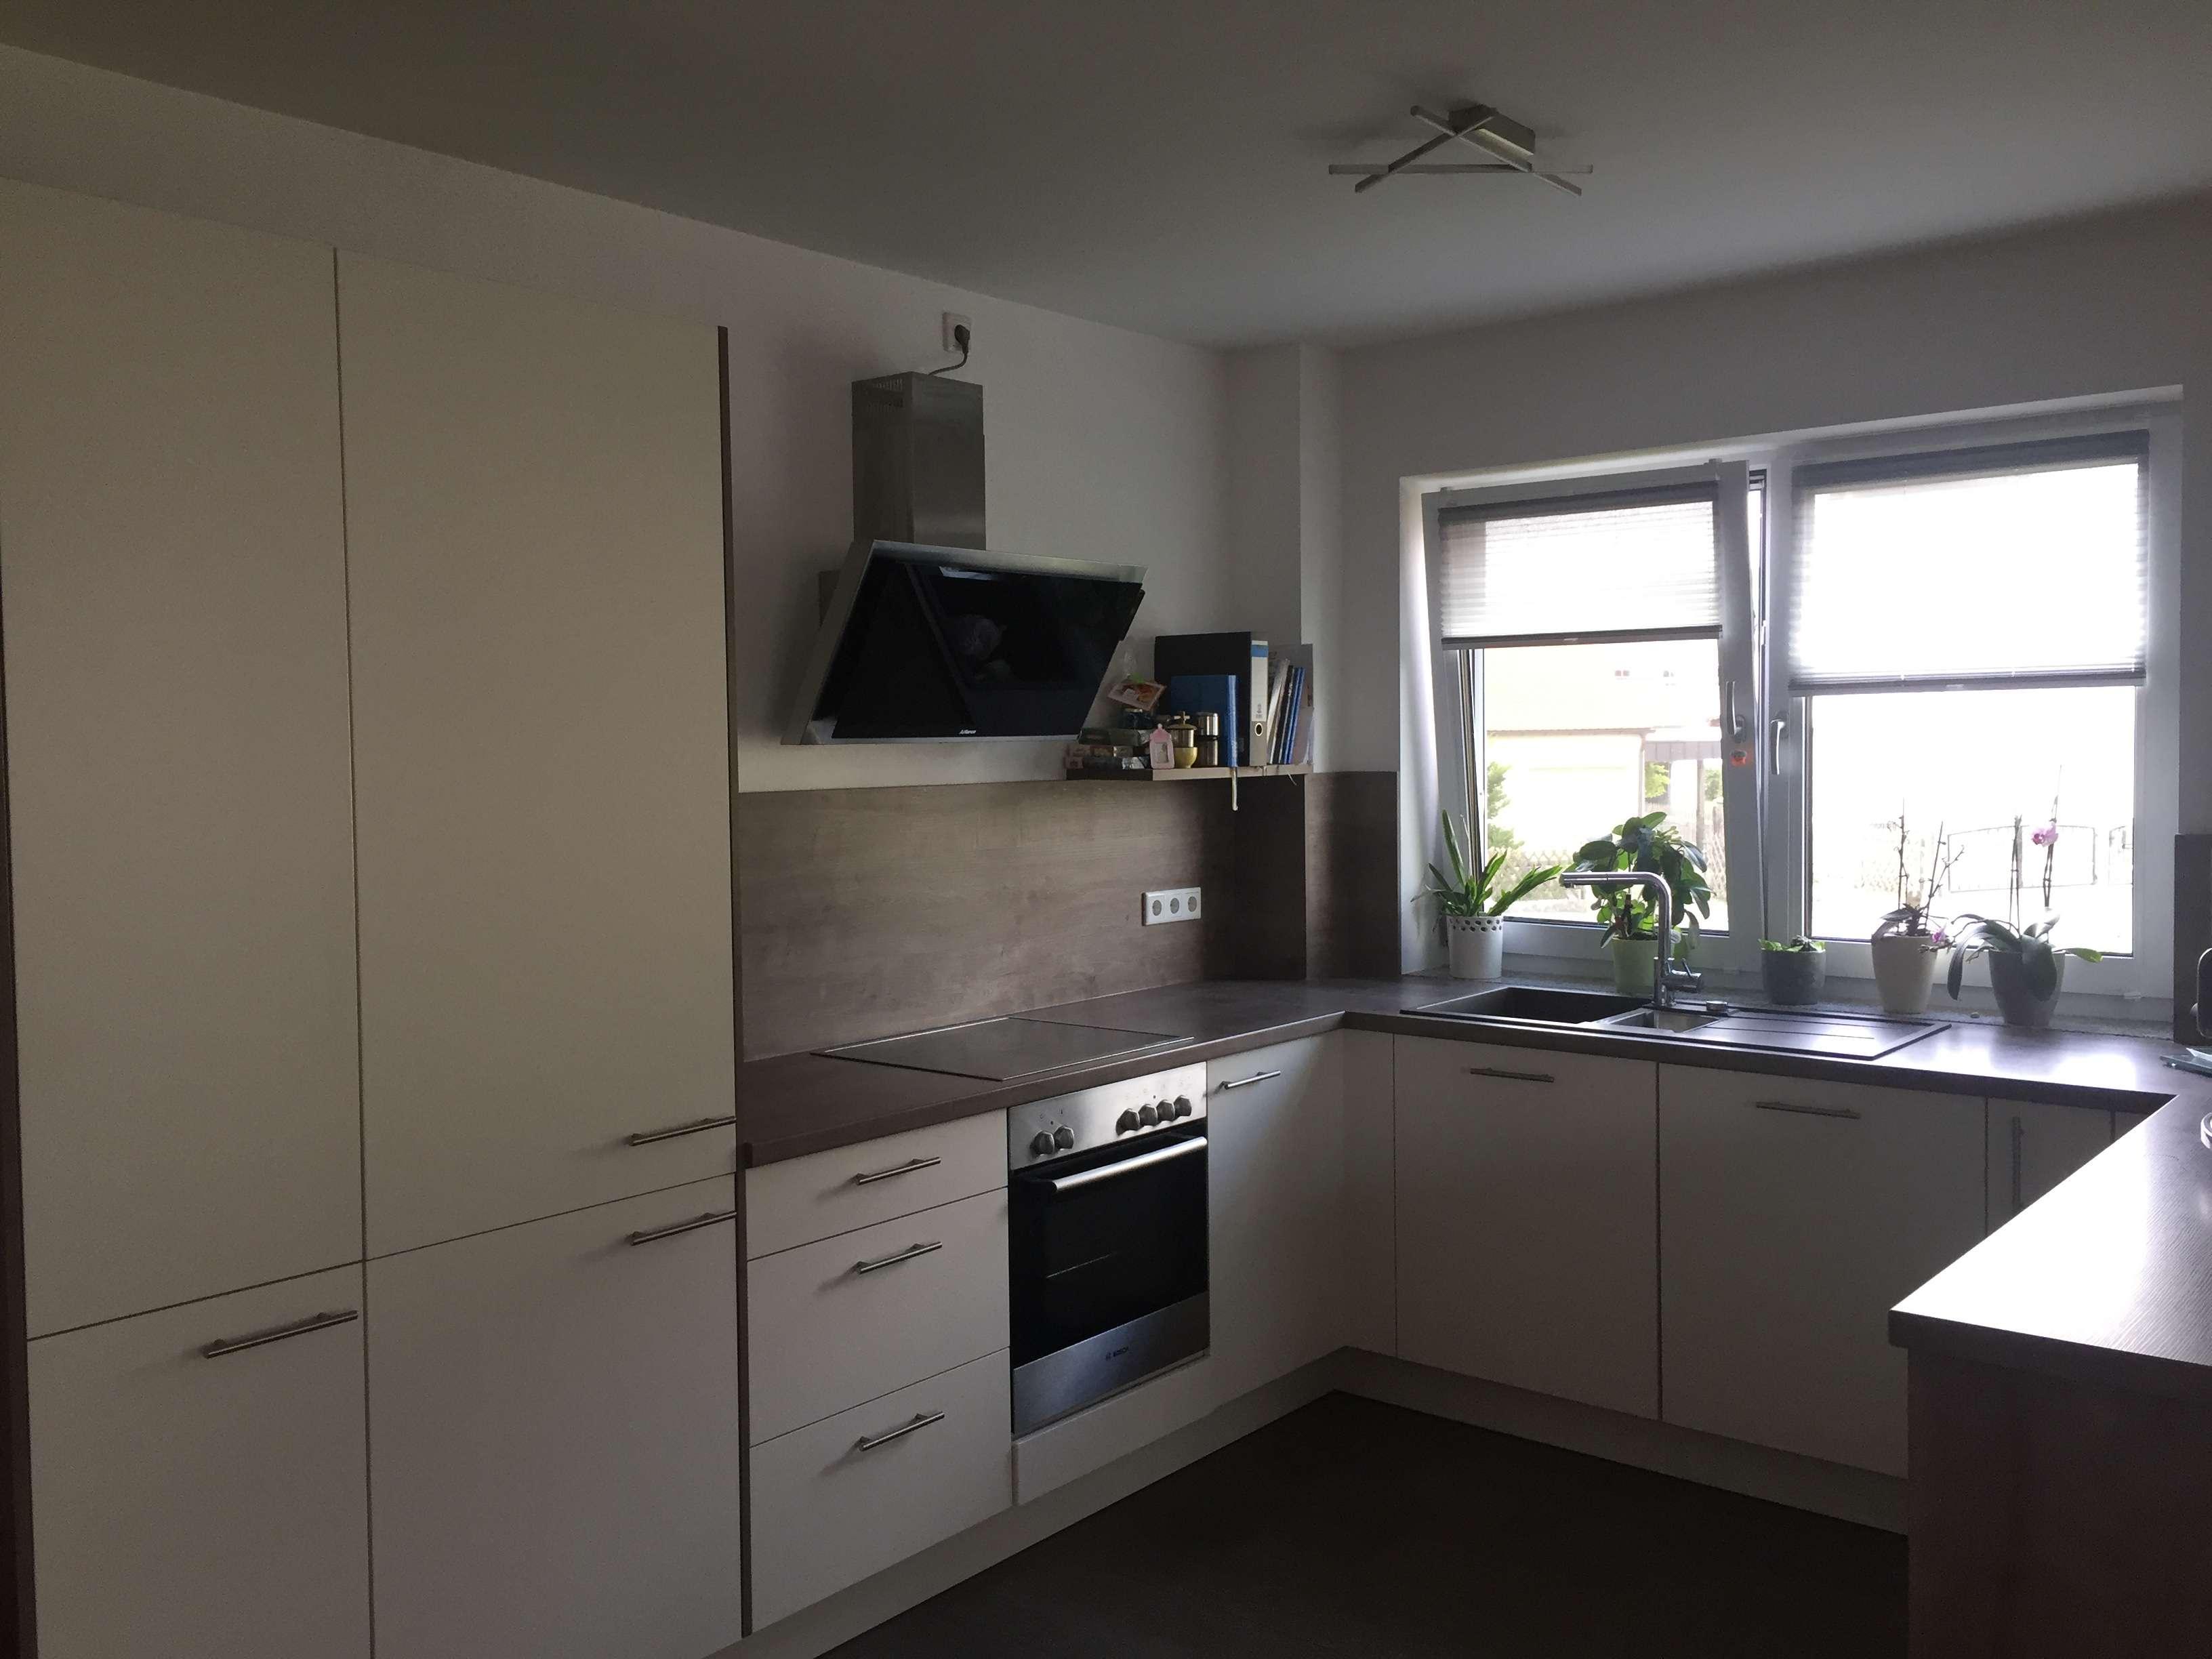 Neuwertige 3-Zimmer-Wohnung mit Balkon und EBK zu vermieten in Neunburg vorm Wald